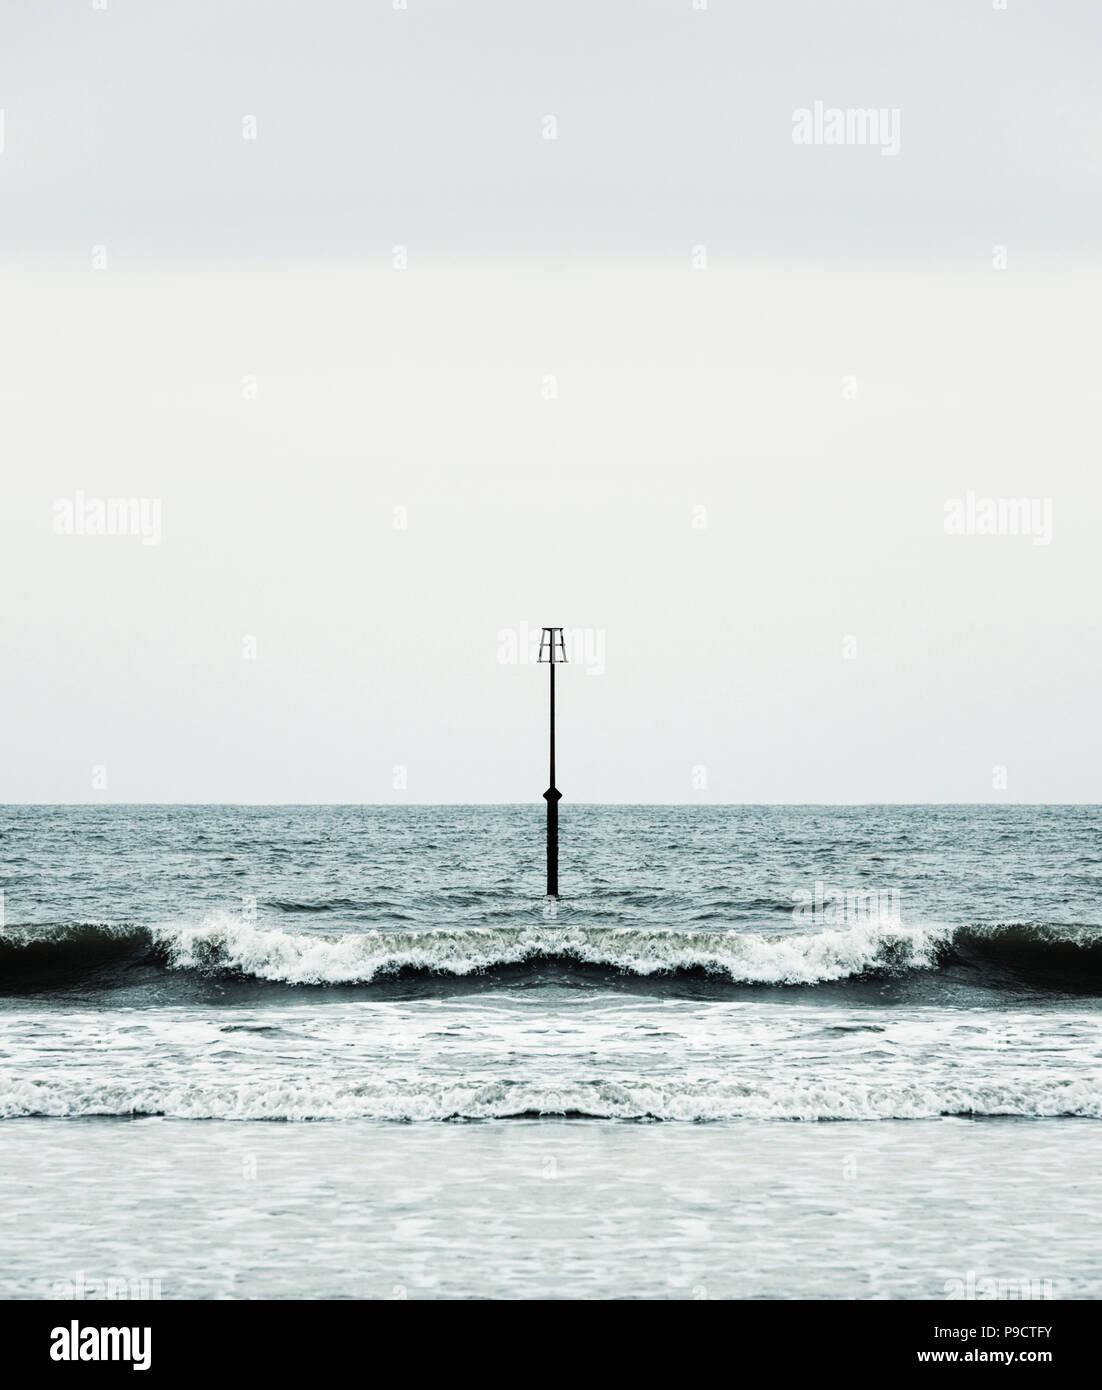 Onde e surf rompe su una spiaggia attorno a un faro groyne, England Regno Unito - Concetto di simmetria Immagini Stock